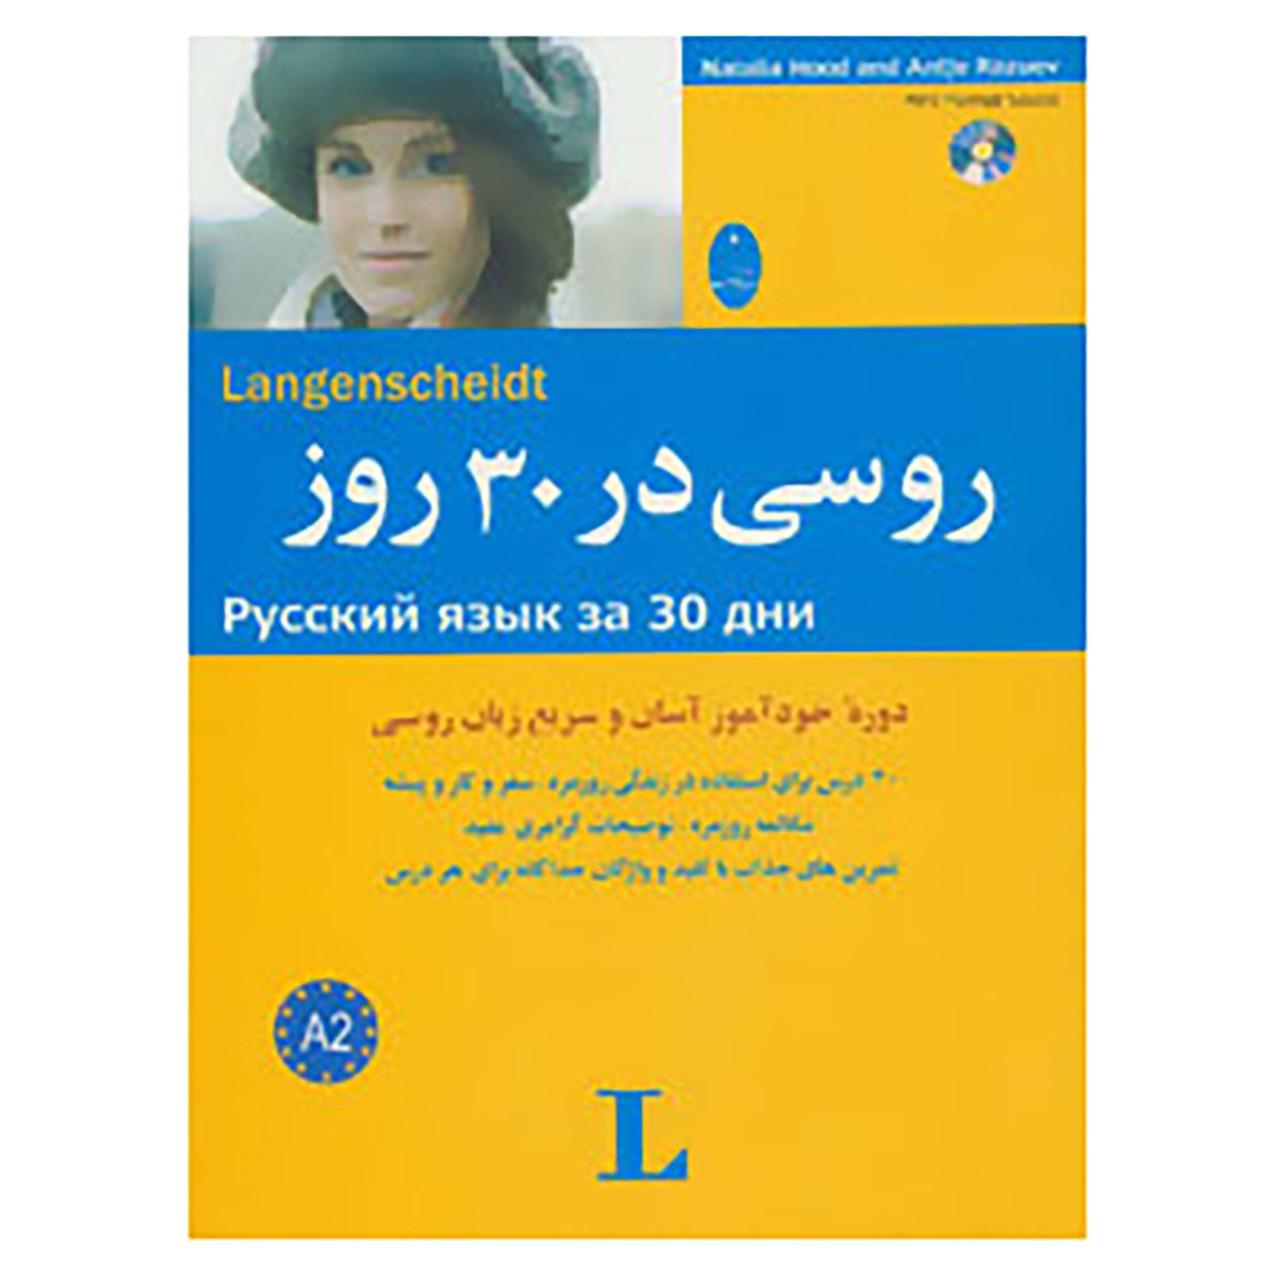 کتاب روسی در 30 روز اثر ناتالیا هود،آنتیه رازویف